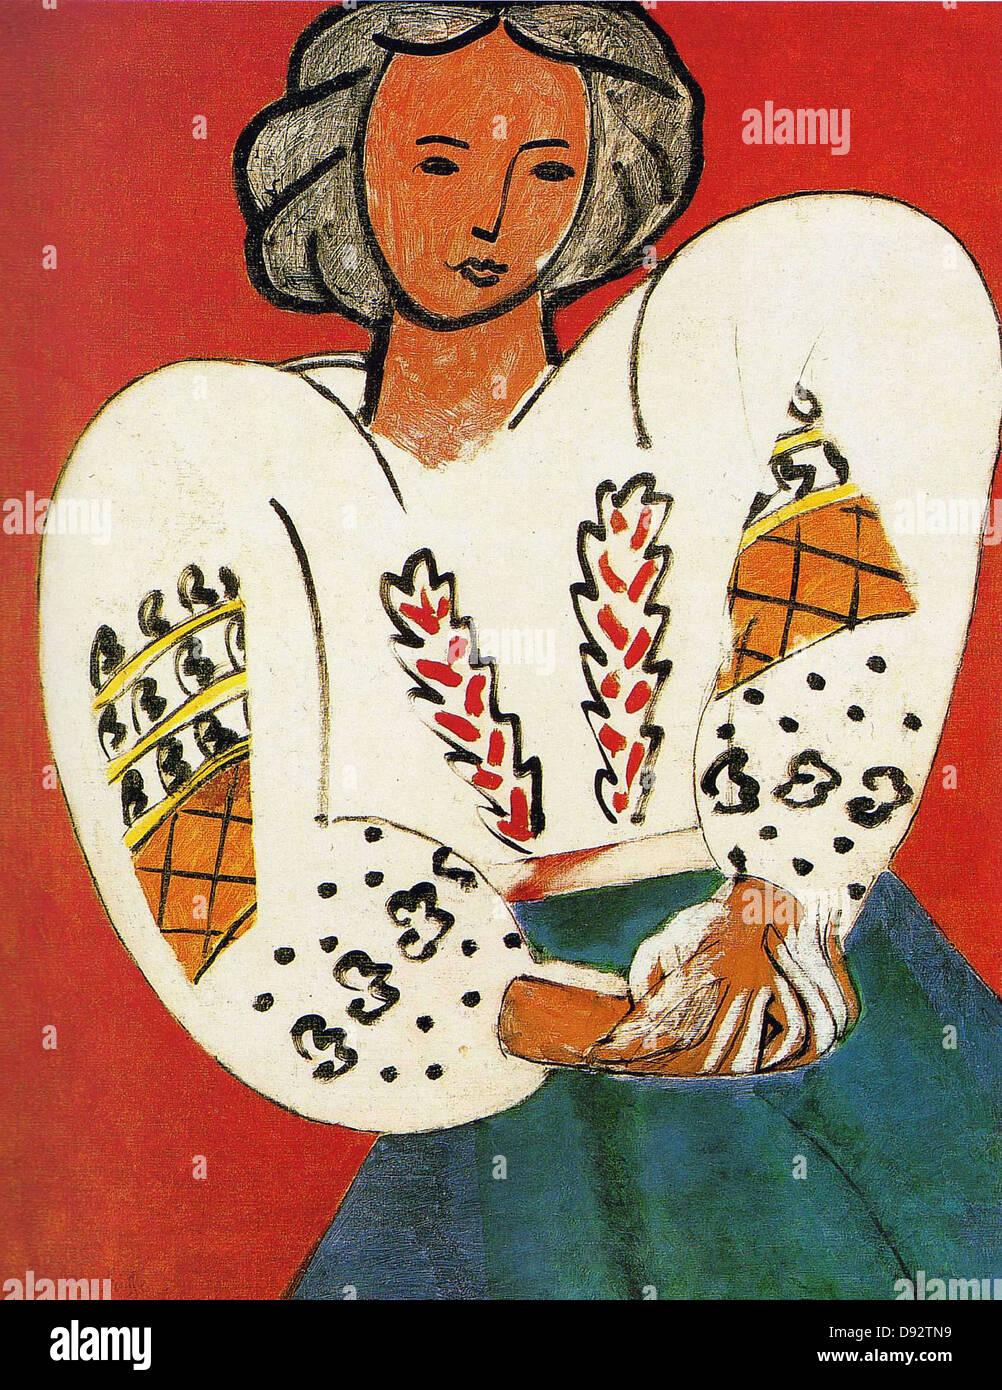 Henri Matisse La blouse roumaine 1940 Centre Georges Pompidou - Paris Stock Photo